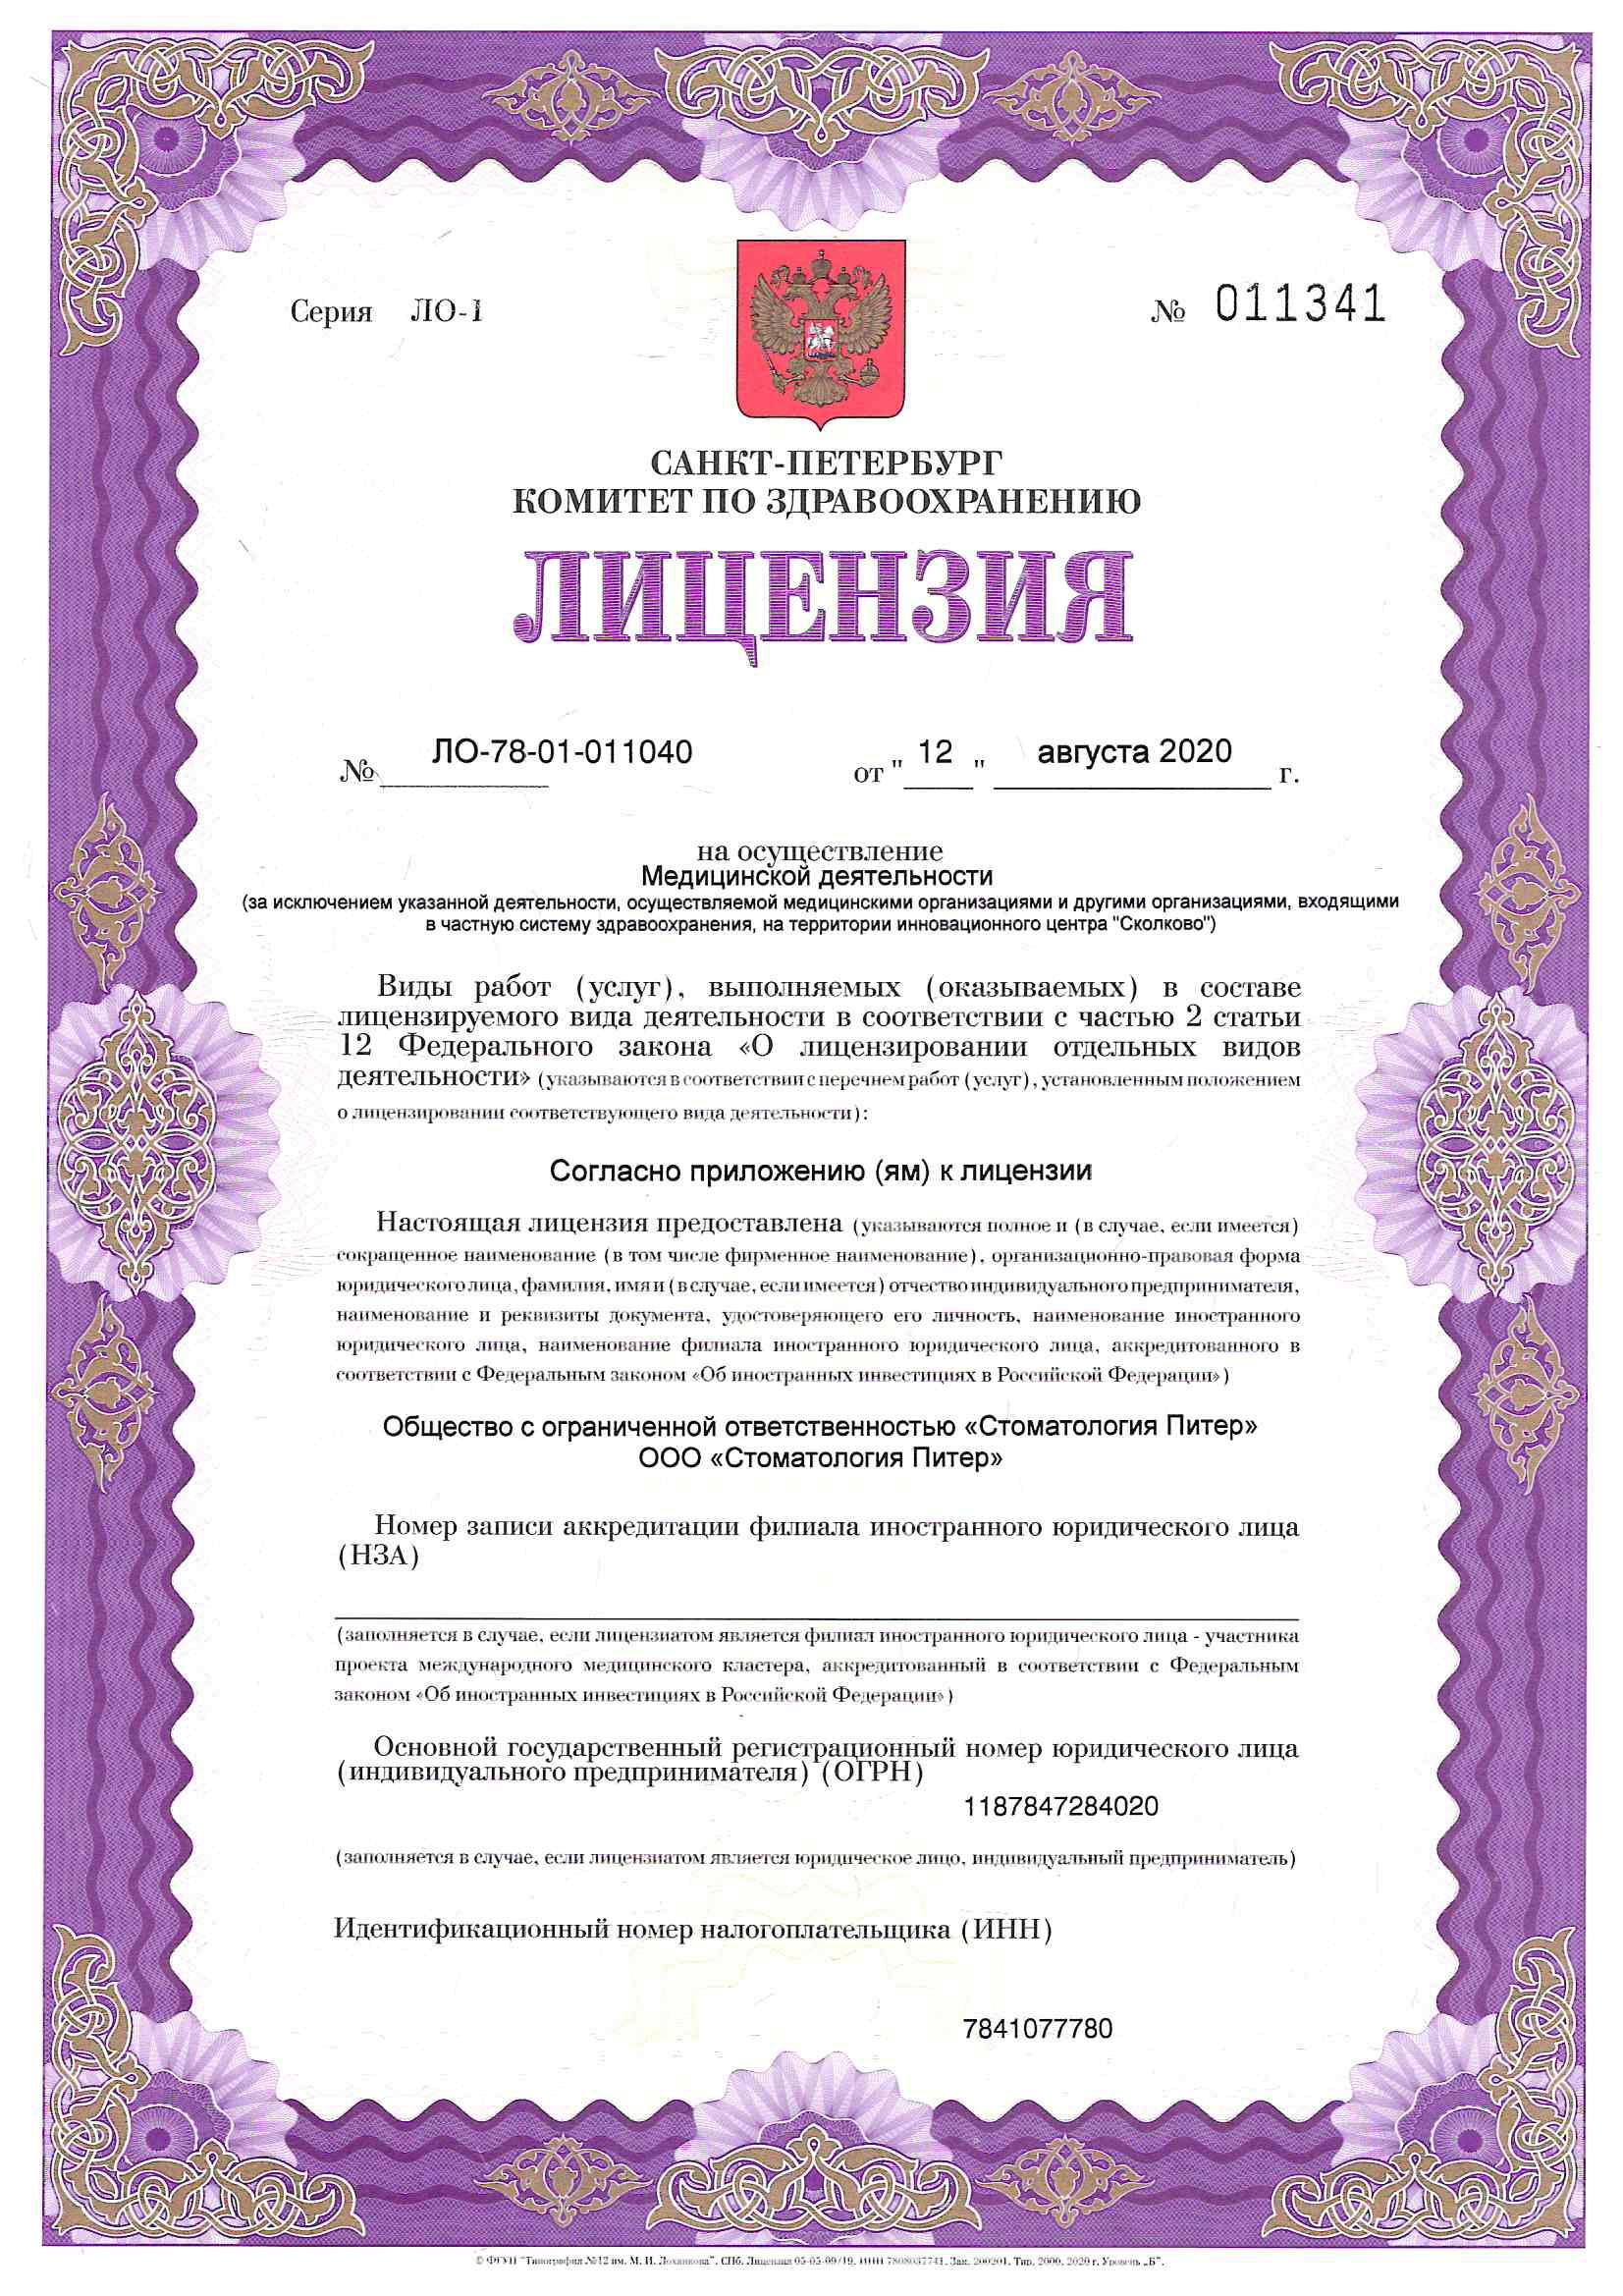 лицензия для world dent